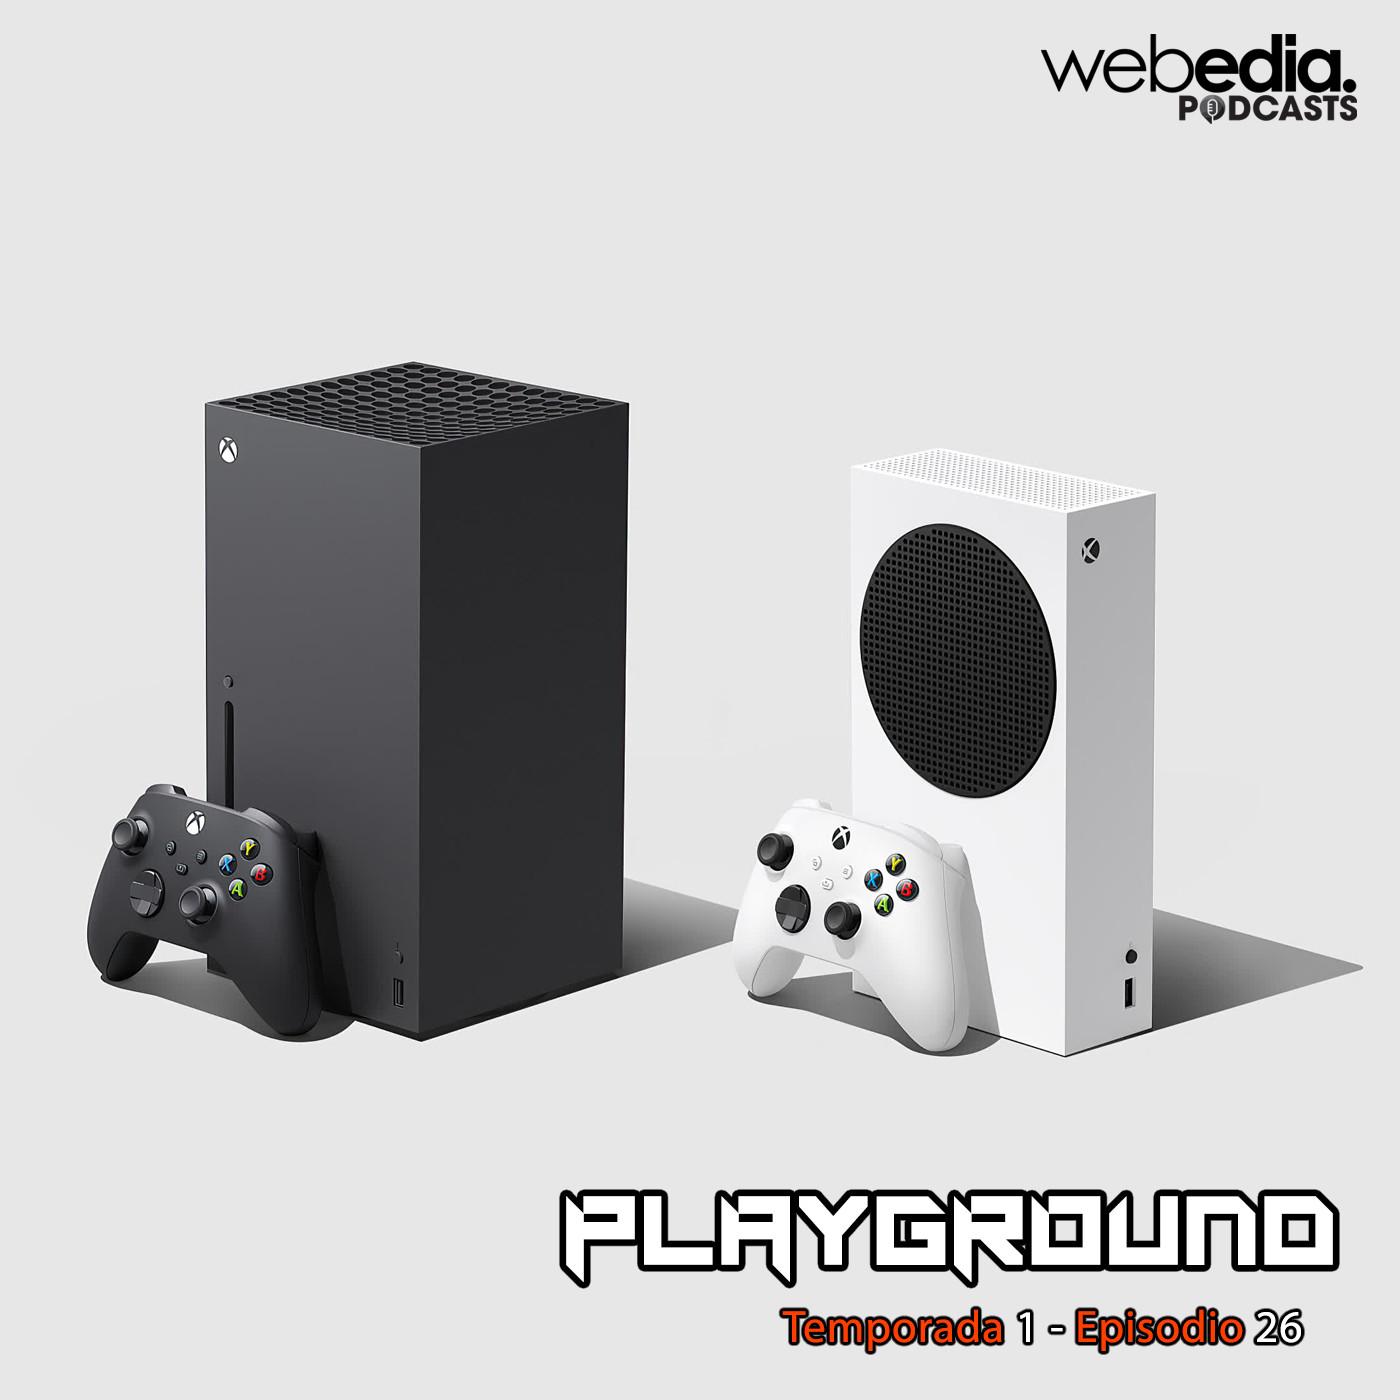 Playground Episodio 26 - Xbox pone precio y fecha a sus consolas de nueva generación